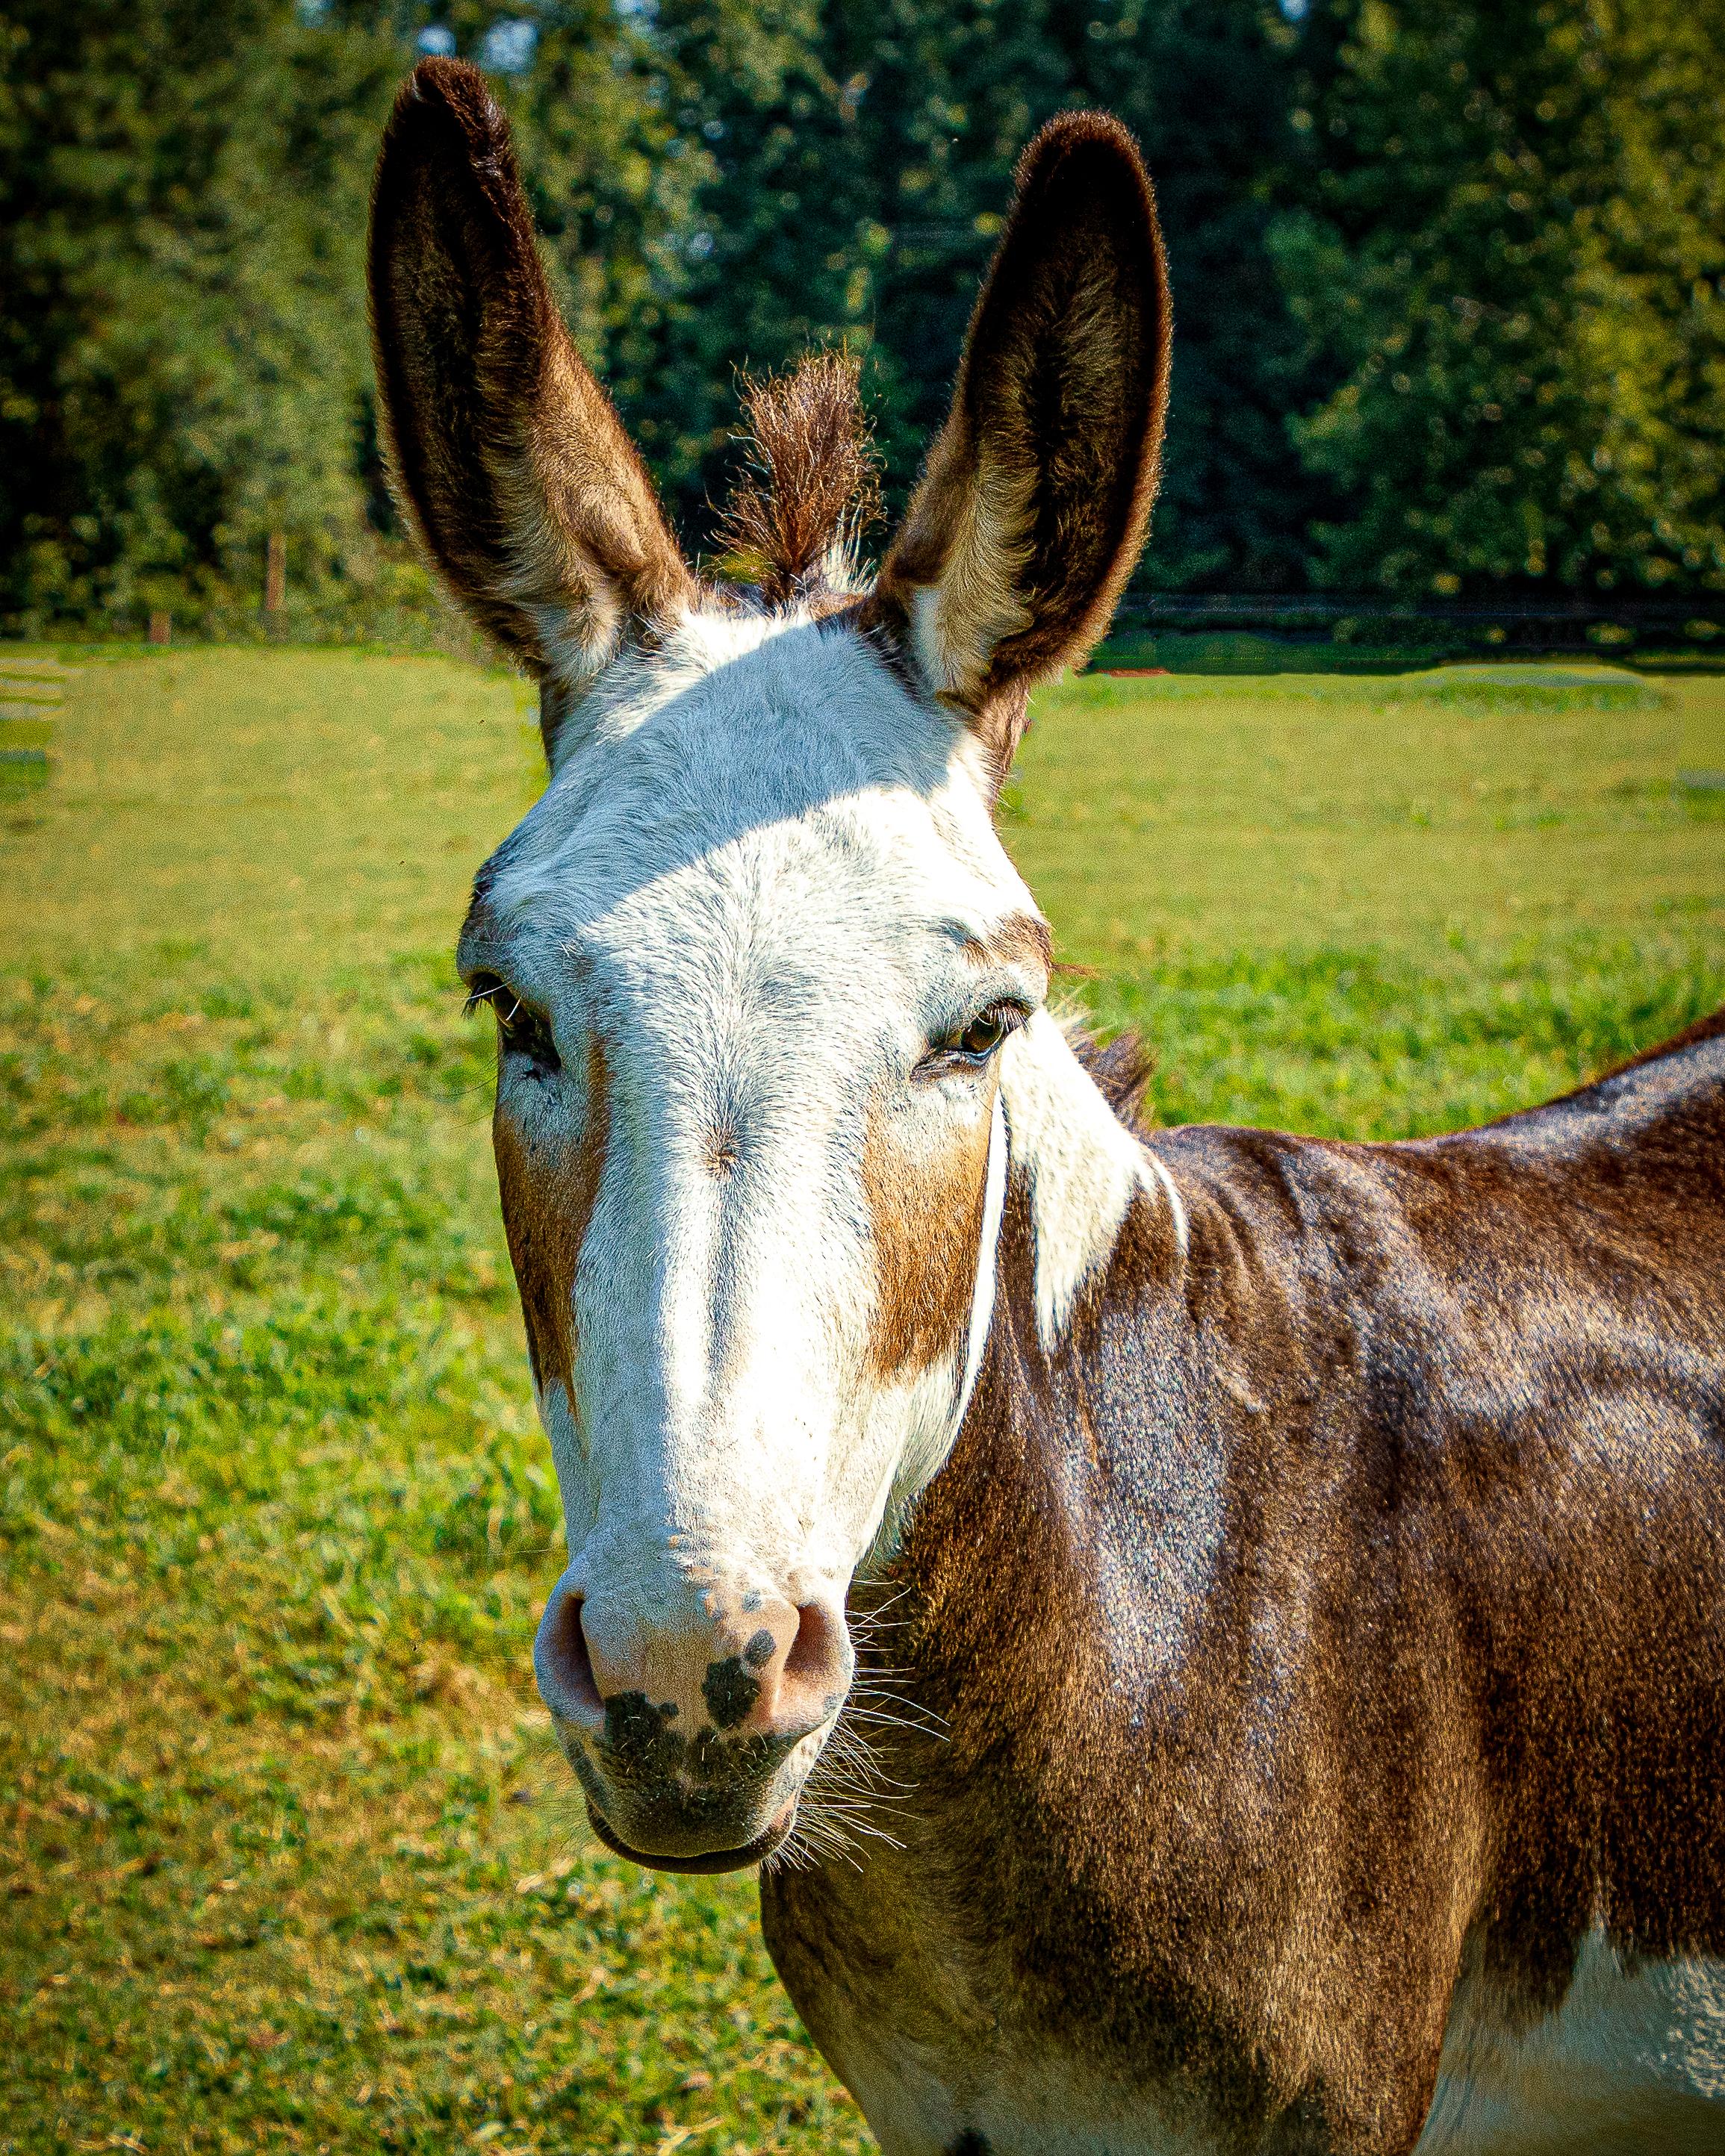 Rosie the Donkey